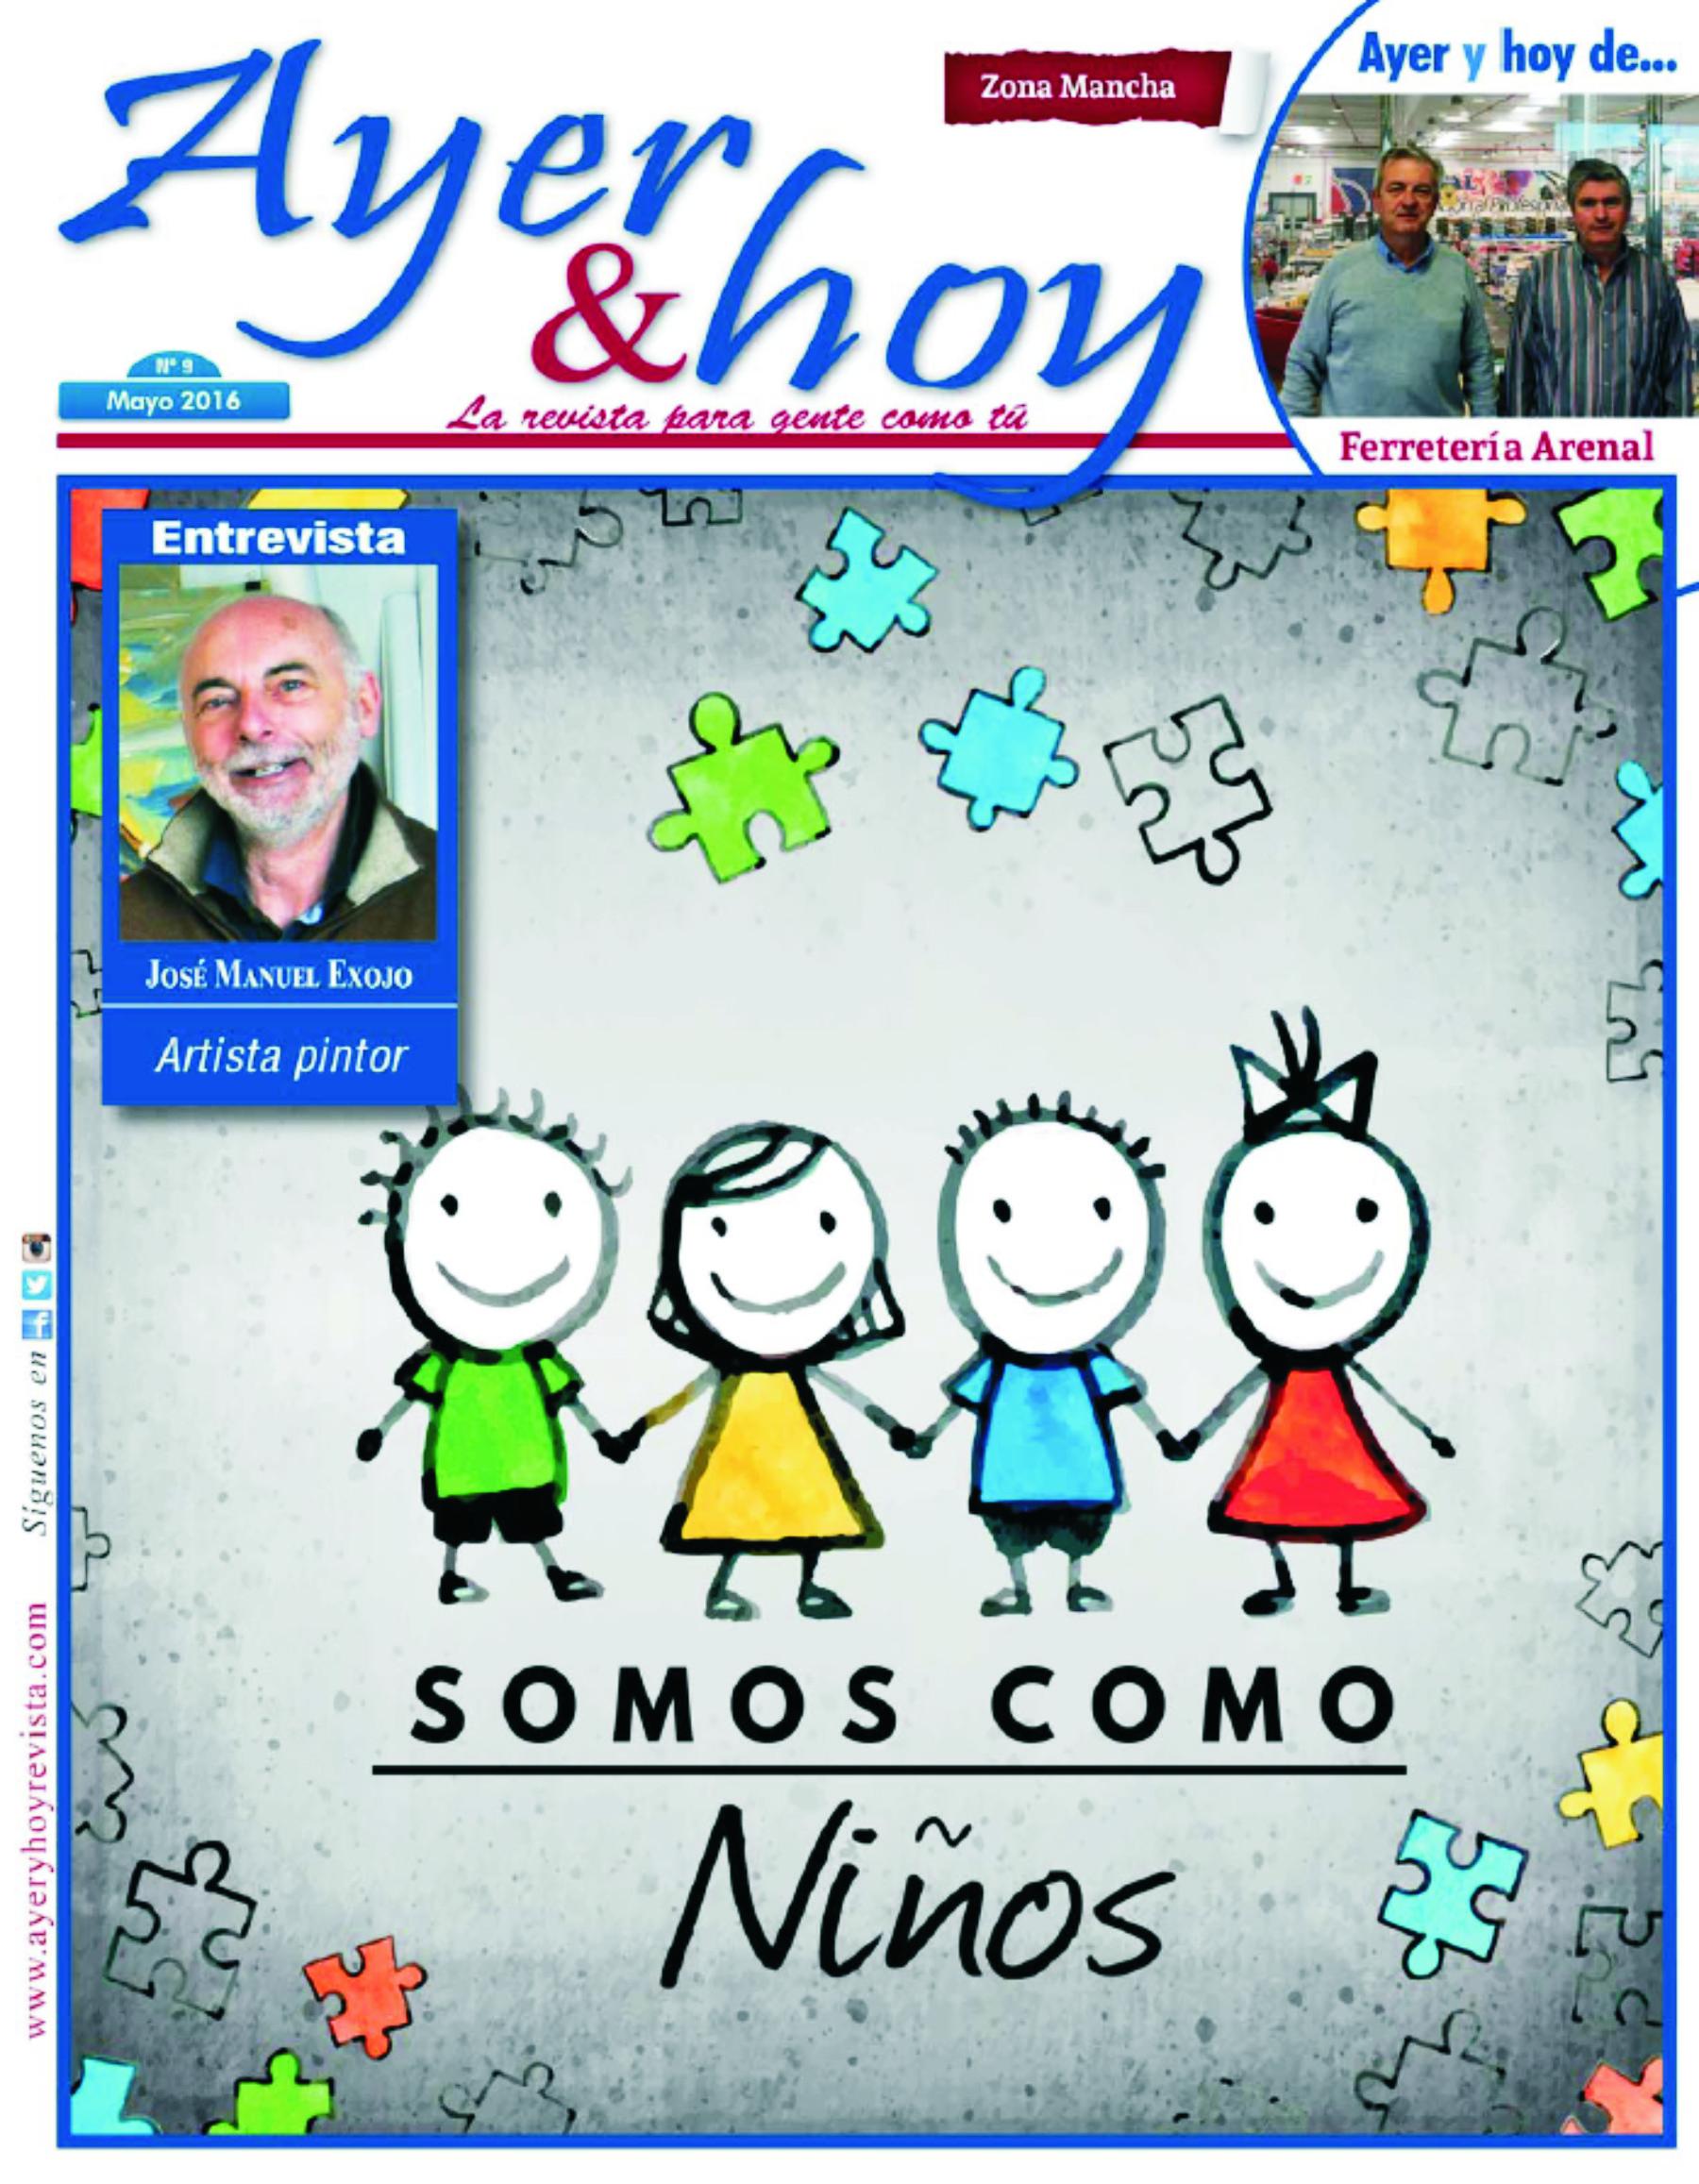 Revista de Mayo 2016 – Zona Mancha